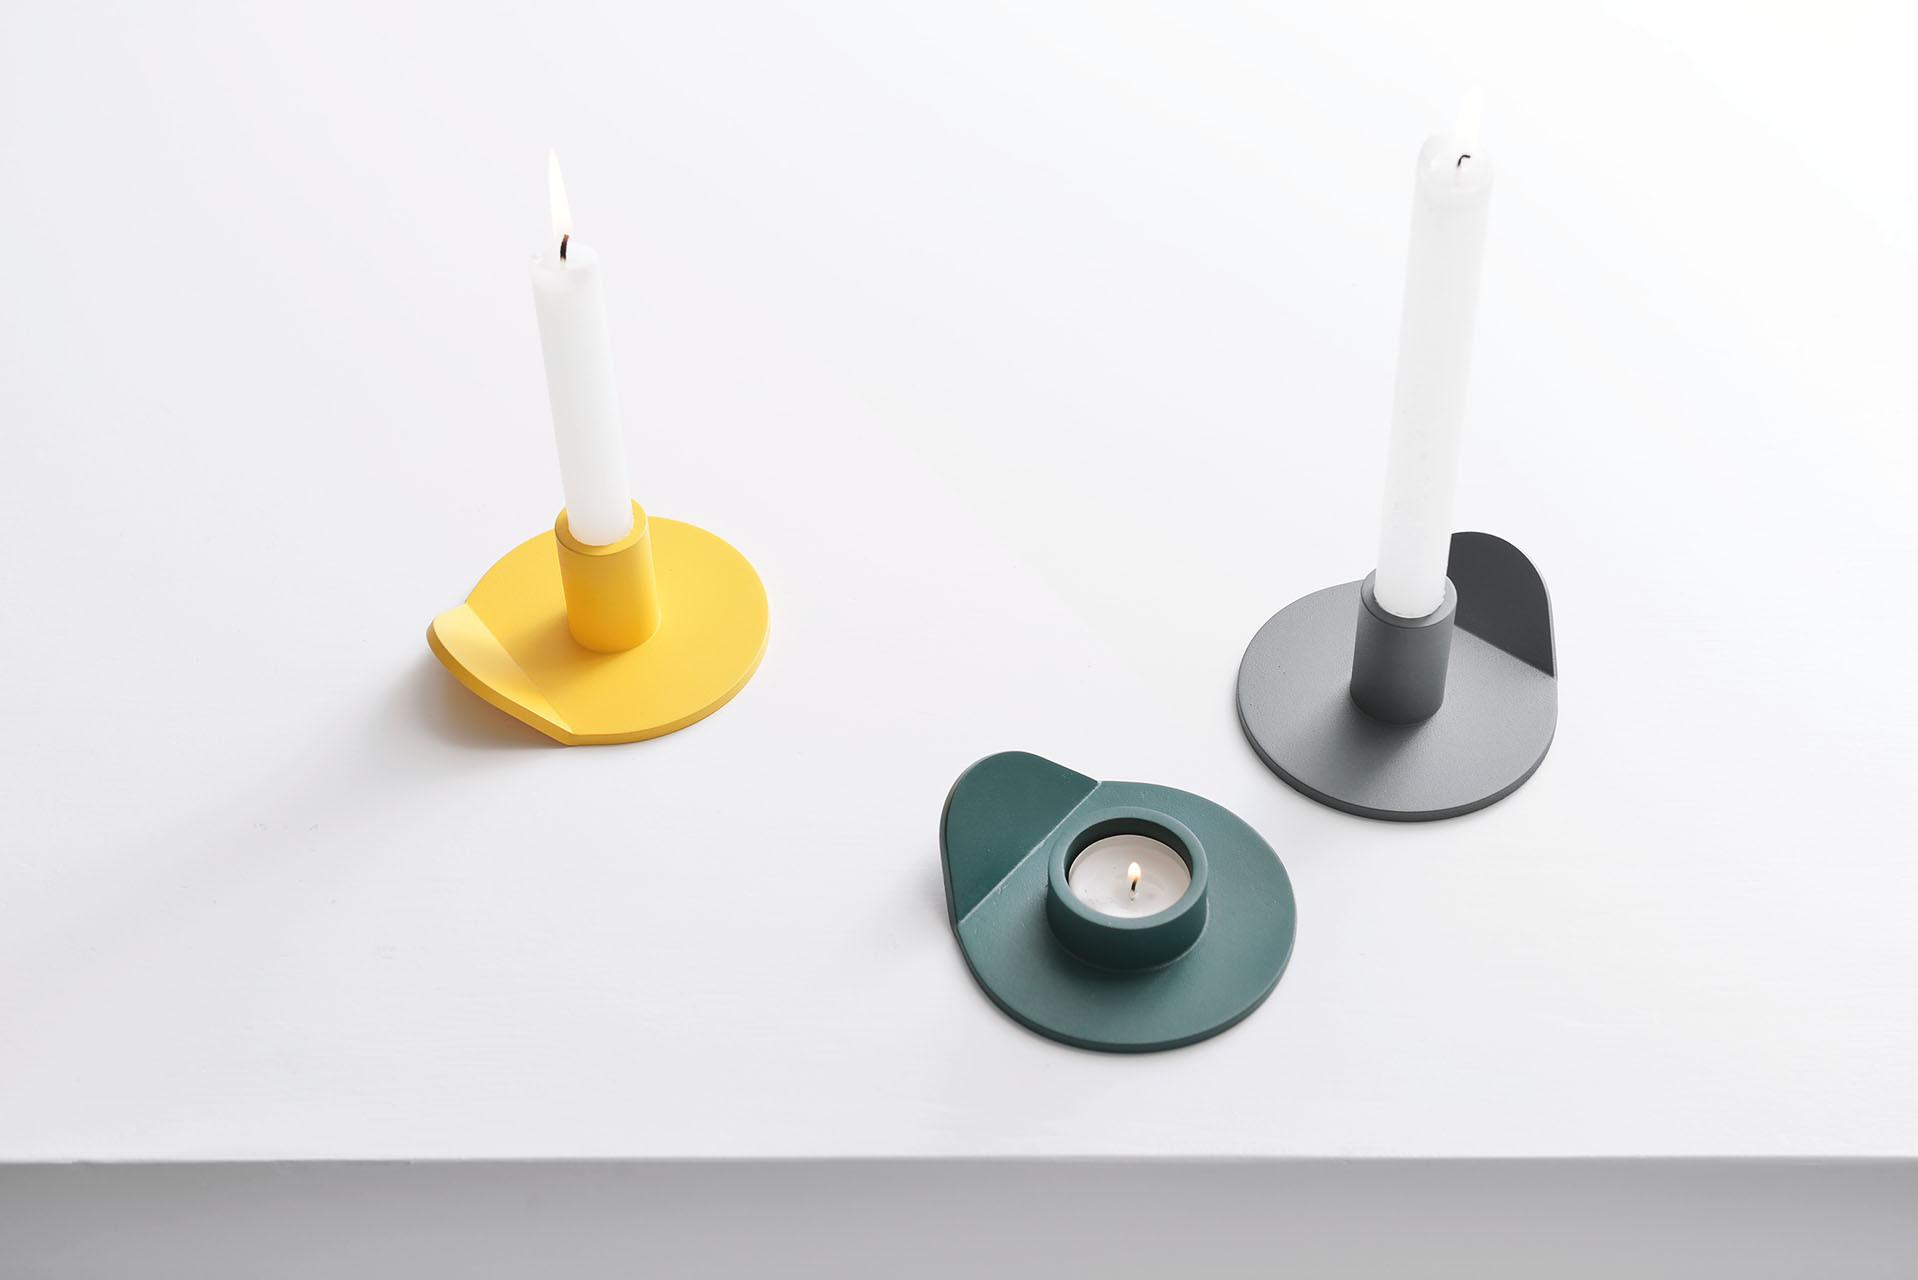 Studio Bas van der Veer